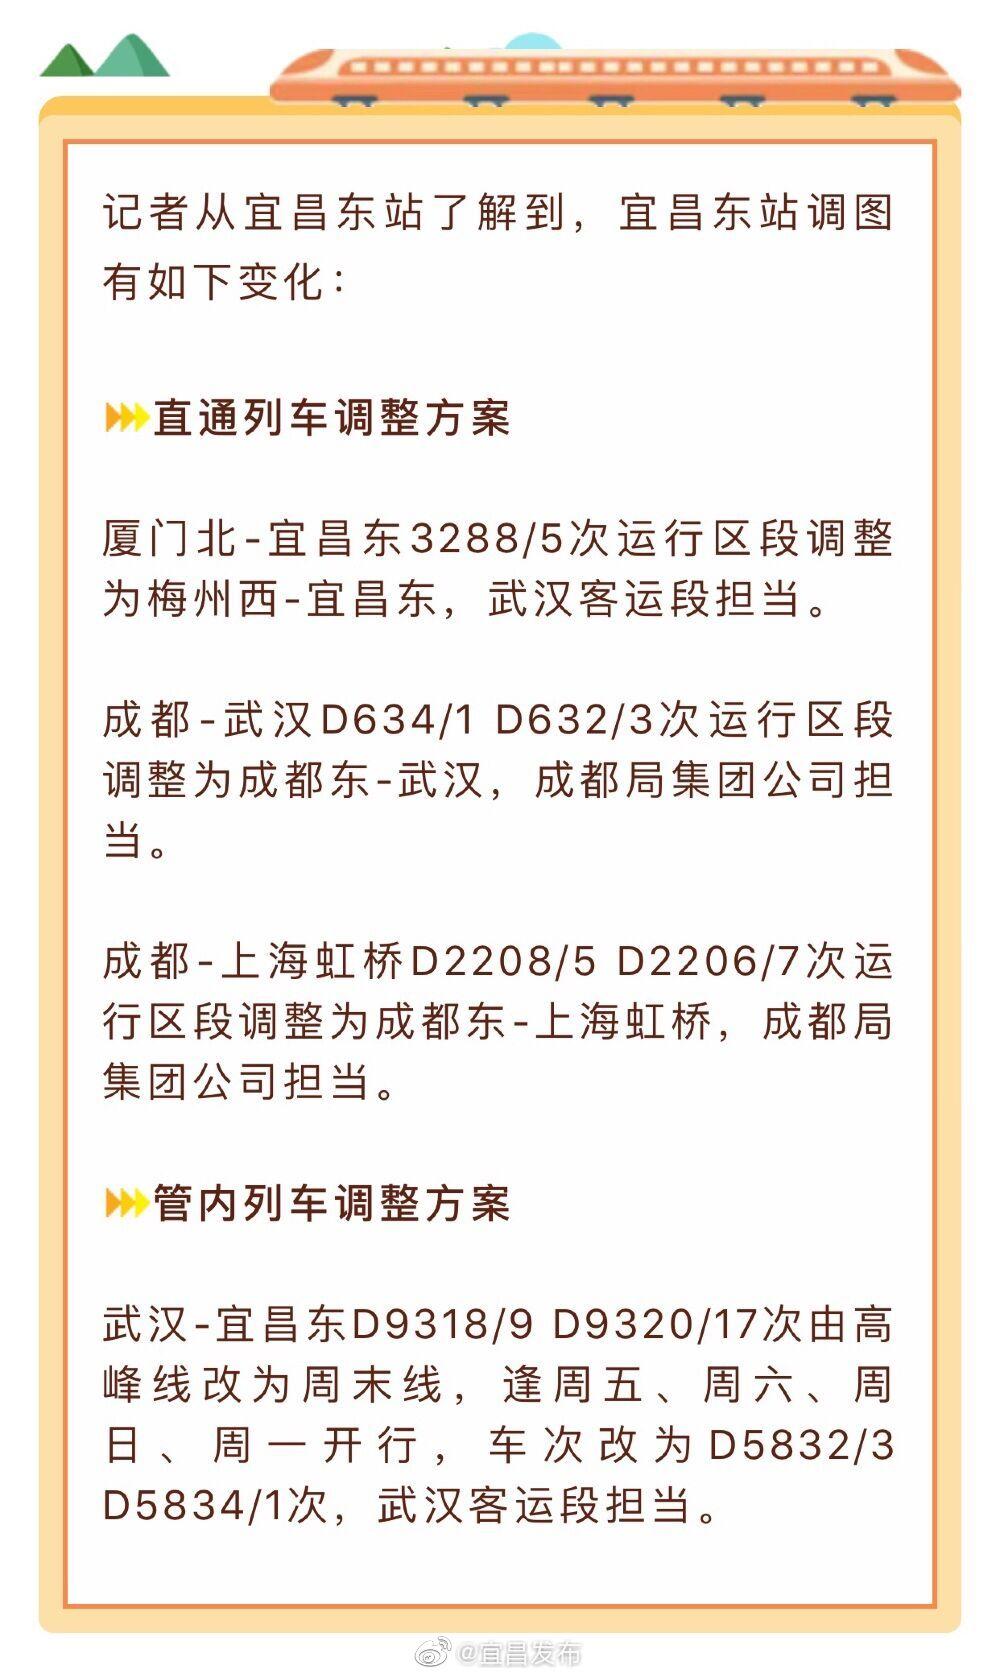 全国铁路实施新运行图!宜昌部分旅客列车这样调整